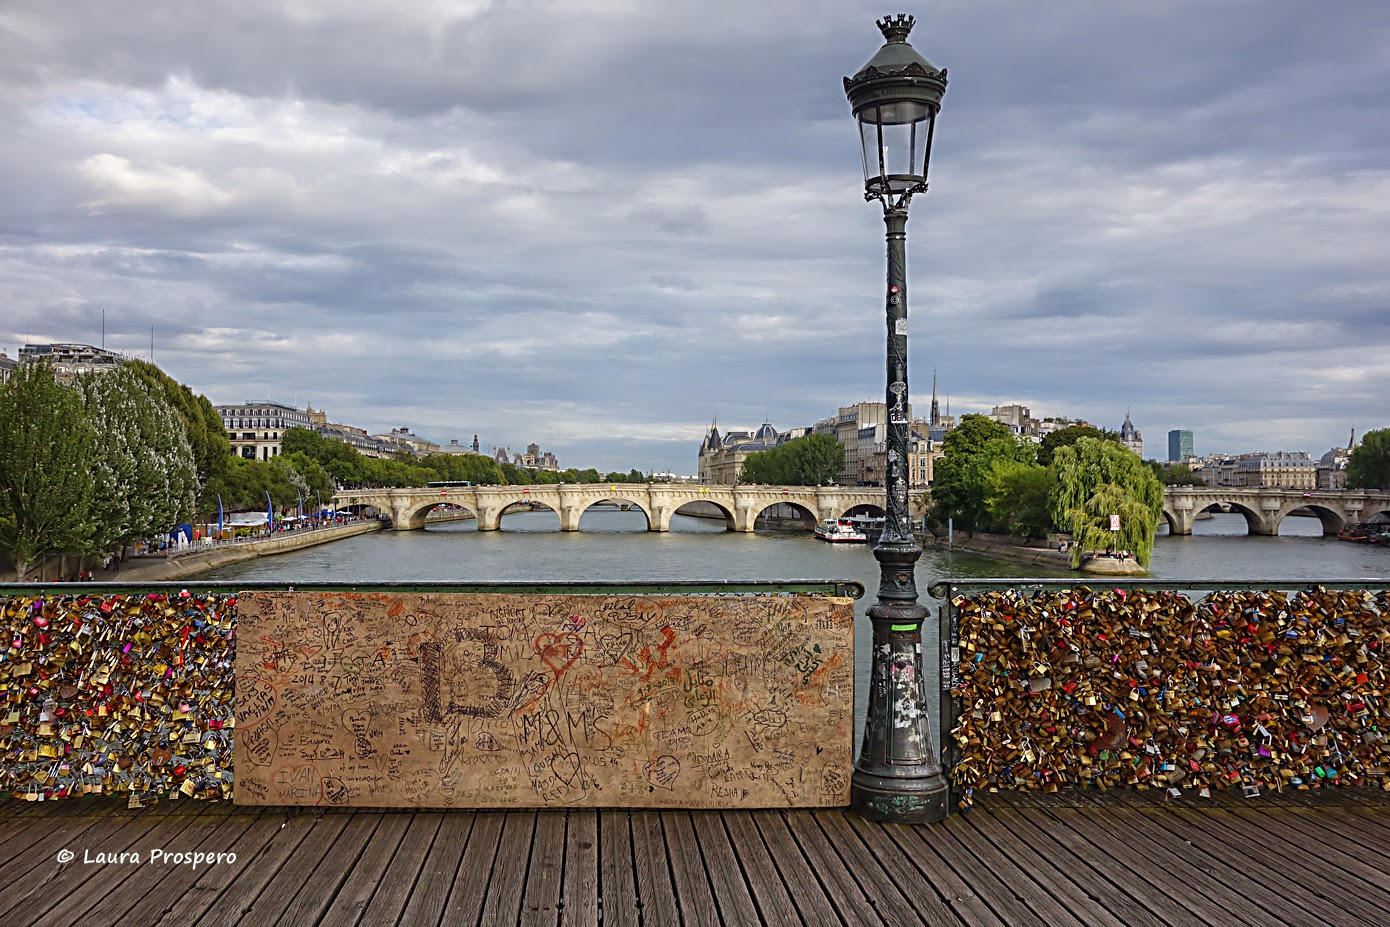 Pont des Arts 13/08/2014 @Laura Prospero